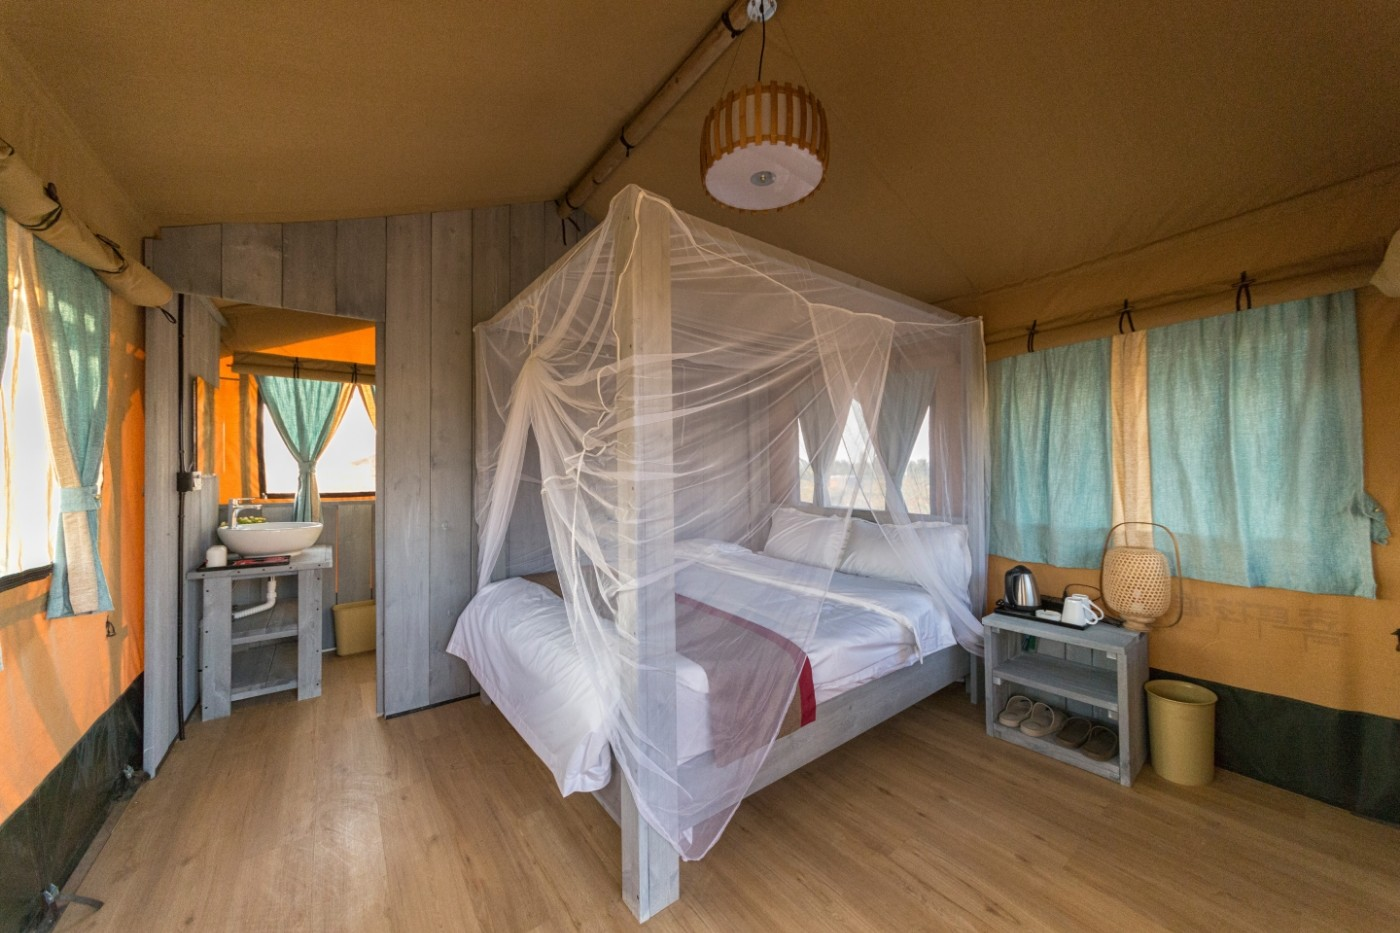 喜马拉雅野奢帐篷酒店—济南长清23